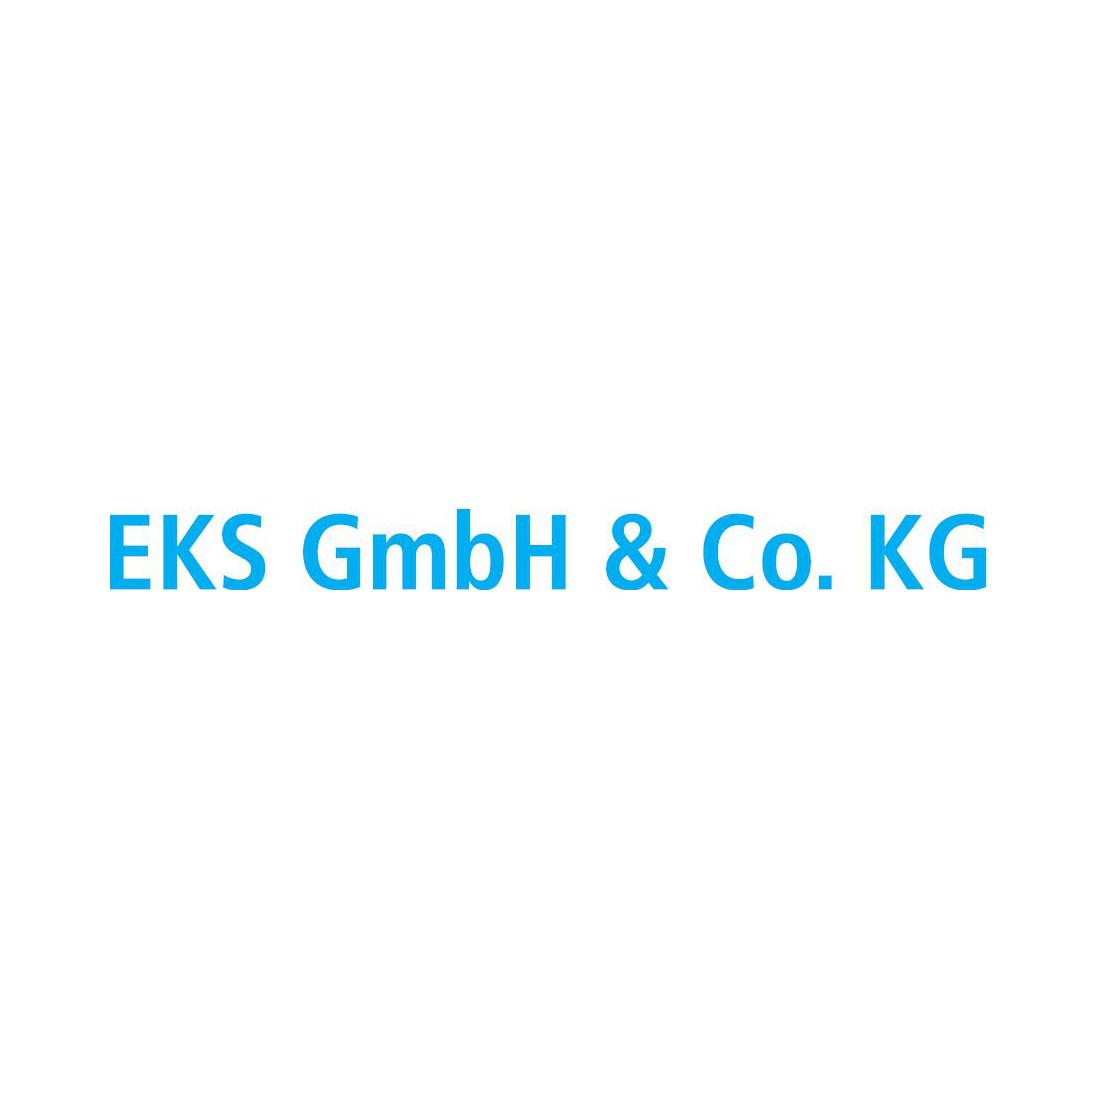 elektrotechnik eks gmbh co kg allgemeine elektriker veitsh chheim deutschland tel. Black Bedroom Furniture Sets. Home Design Ideas